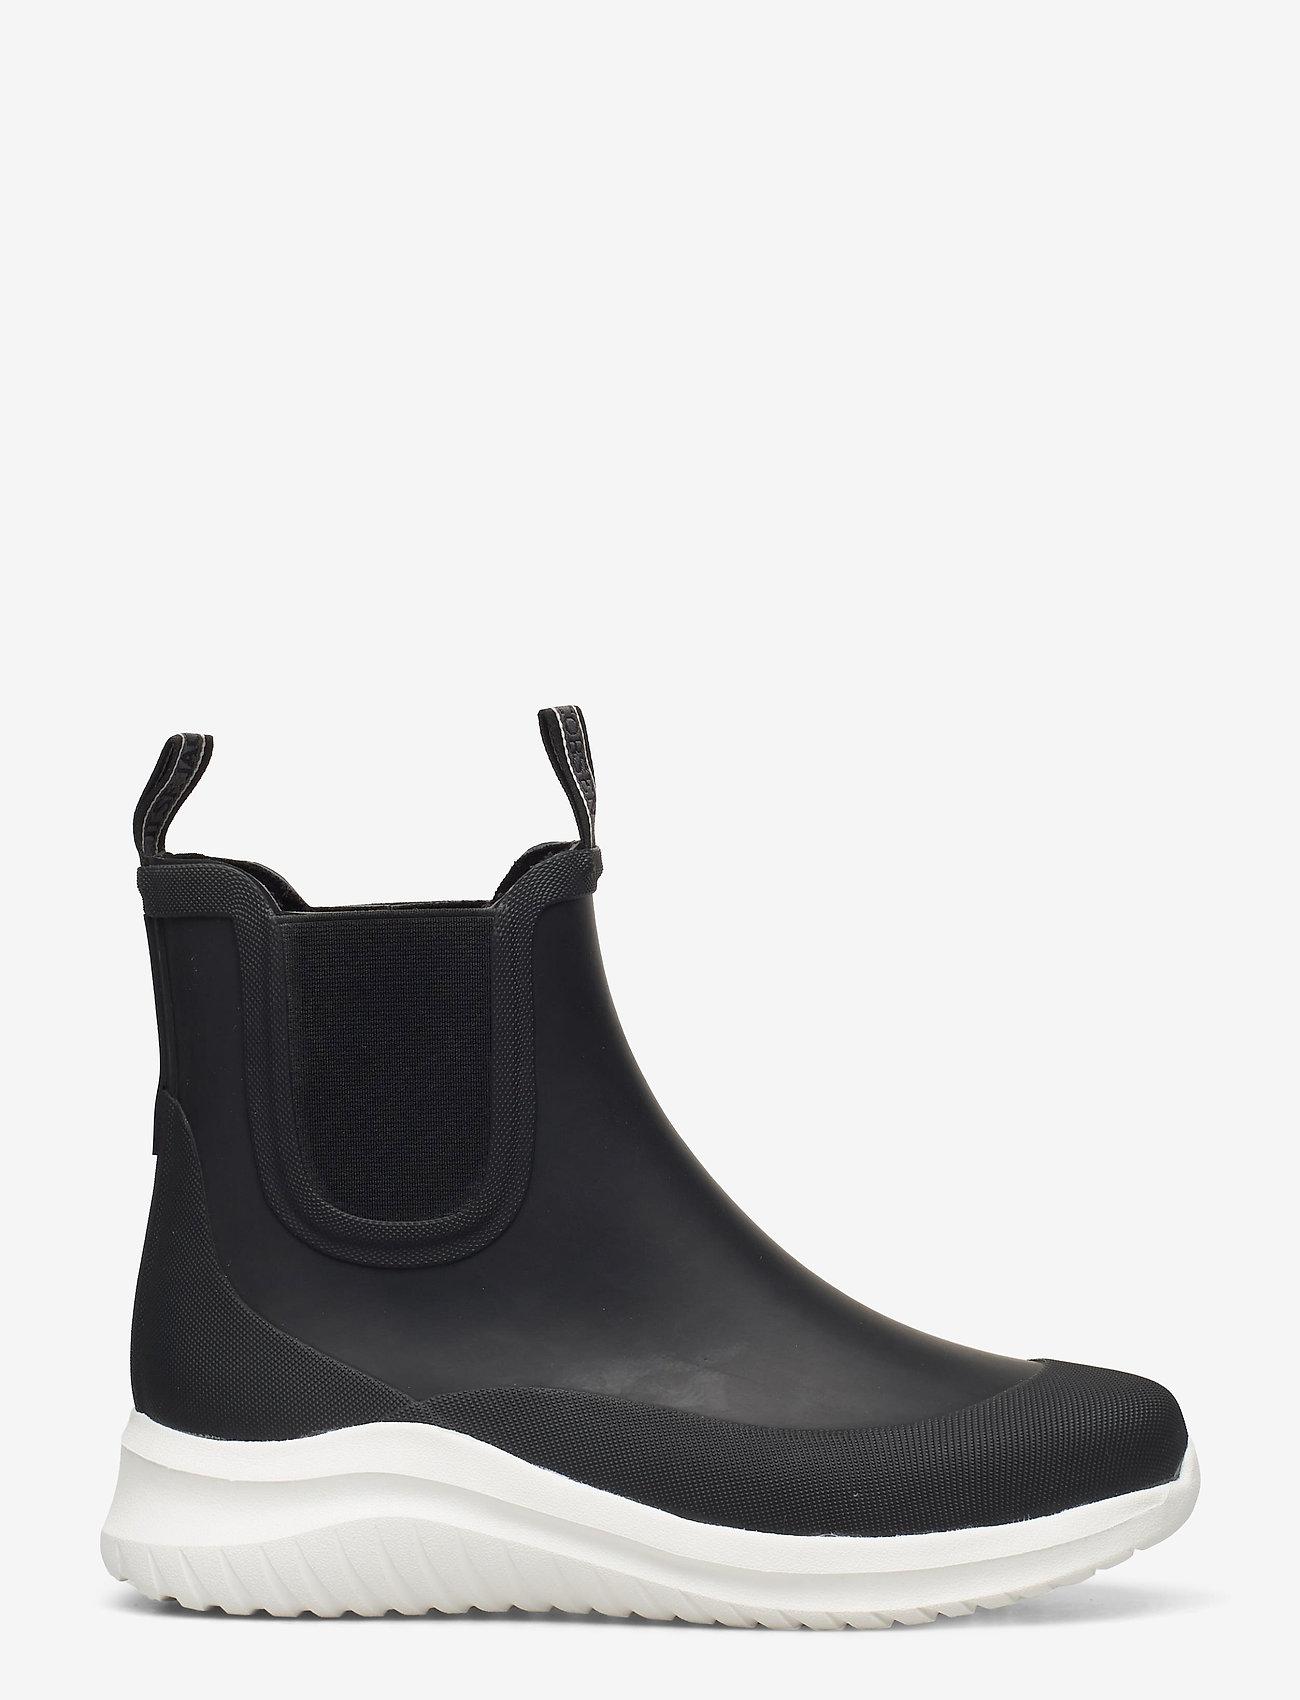 Ilse Jacobsen - Short rubber boots - bottes de pluie - black - 1